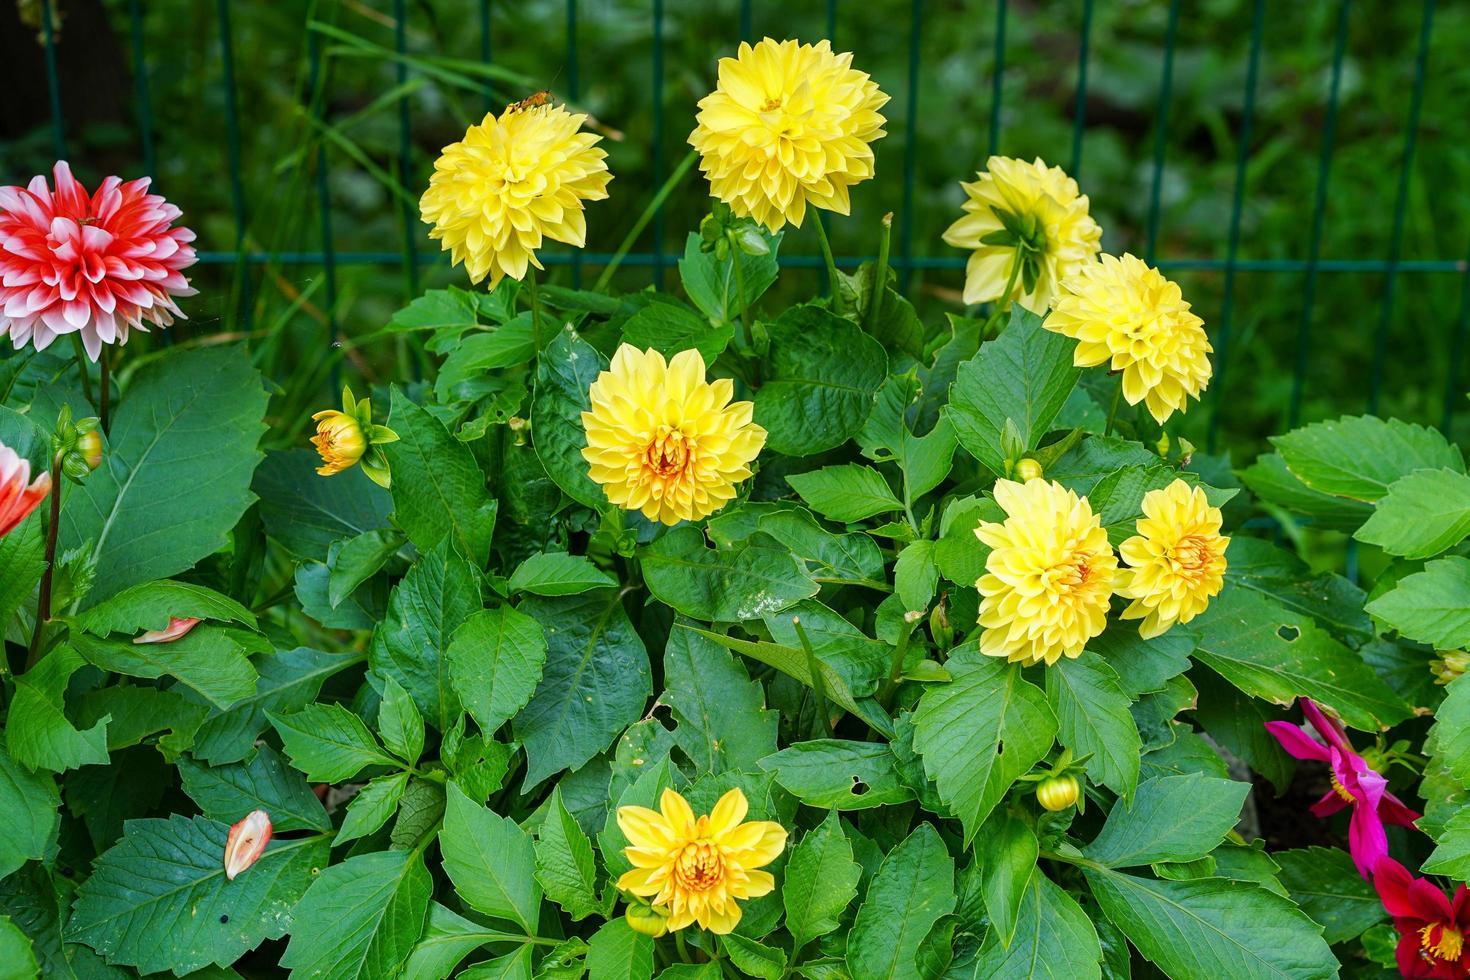 gula blommor dahlior i en blomsterbädd i trädgården foto